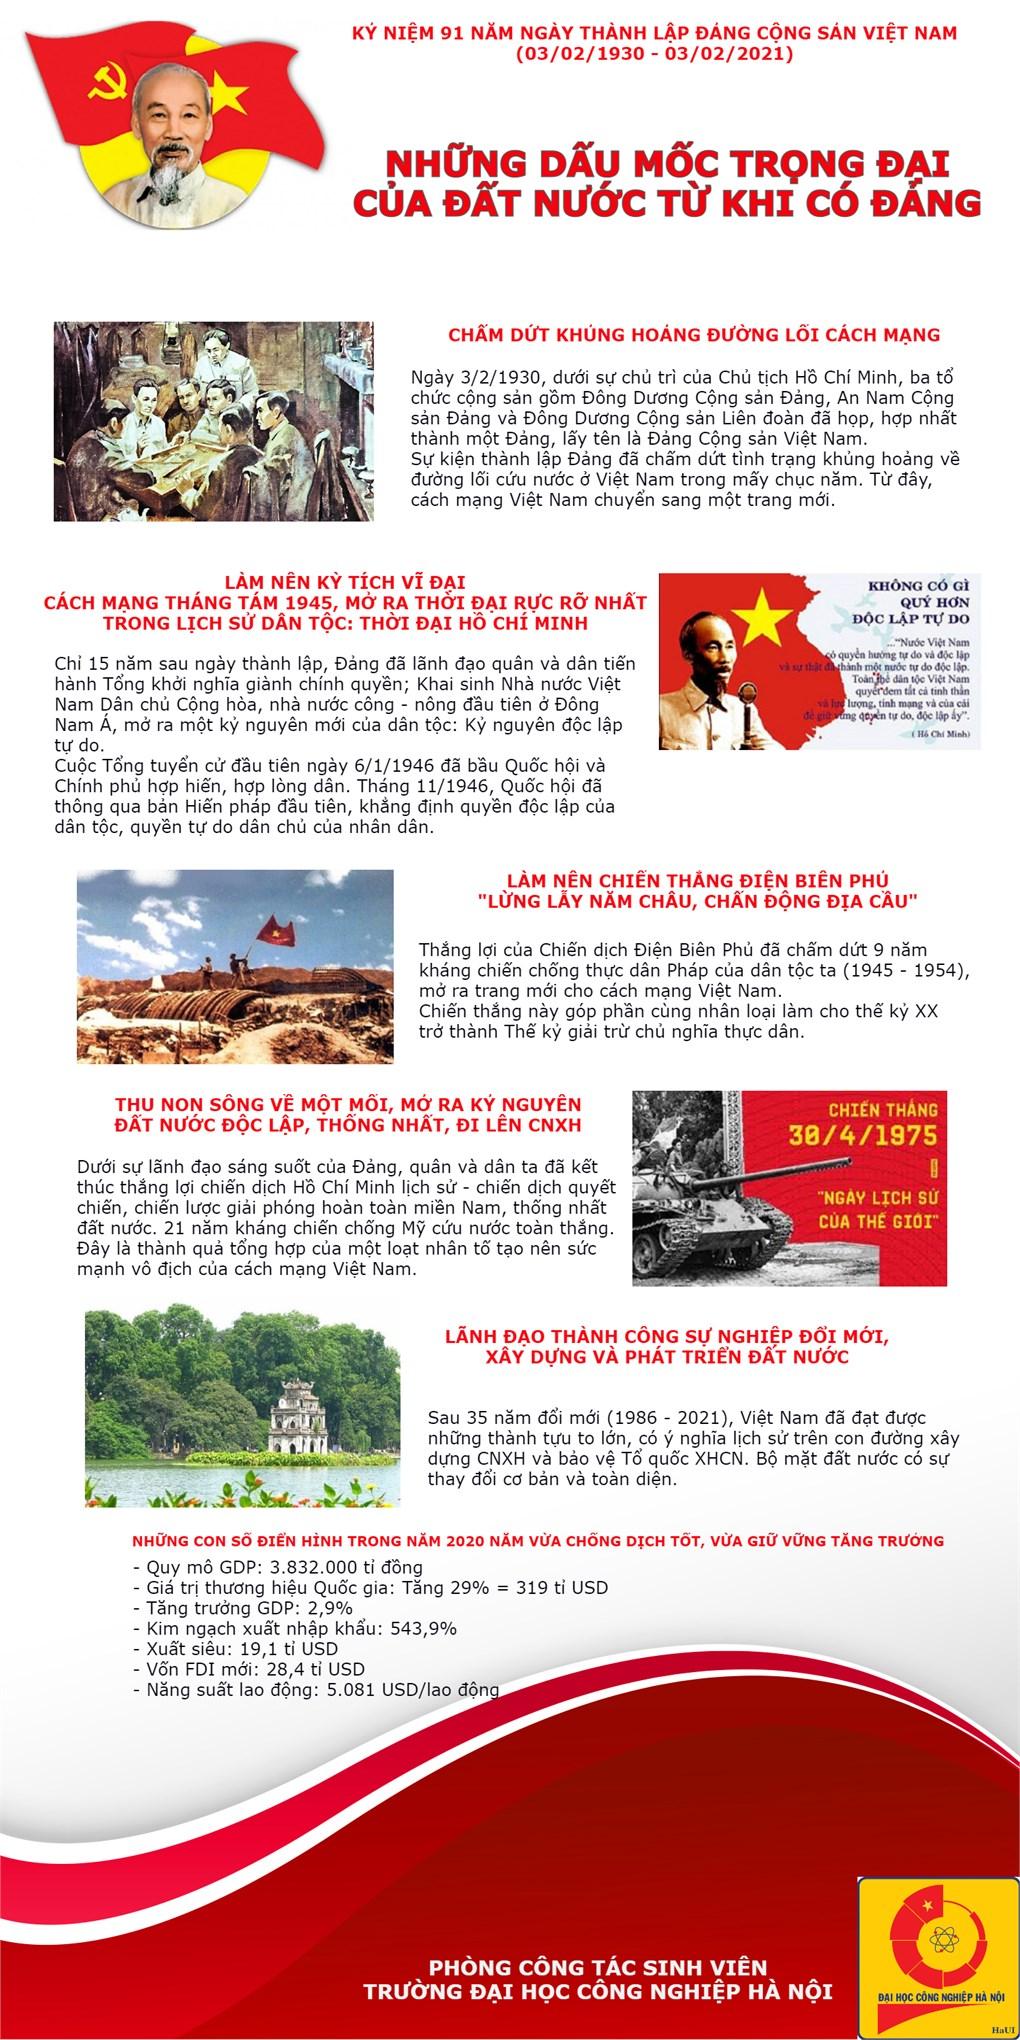 Kỷ niệm 91 năm Ngày thành lập Đảng Cộng sản Việt Nam (3/2/1930 - 3/2/2021): Những dấu mốc trọng đại của Đất nước từ khi có Đảng